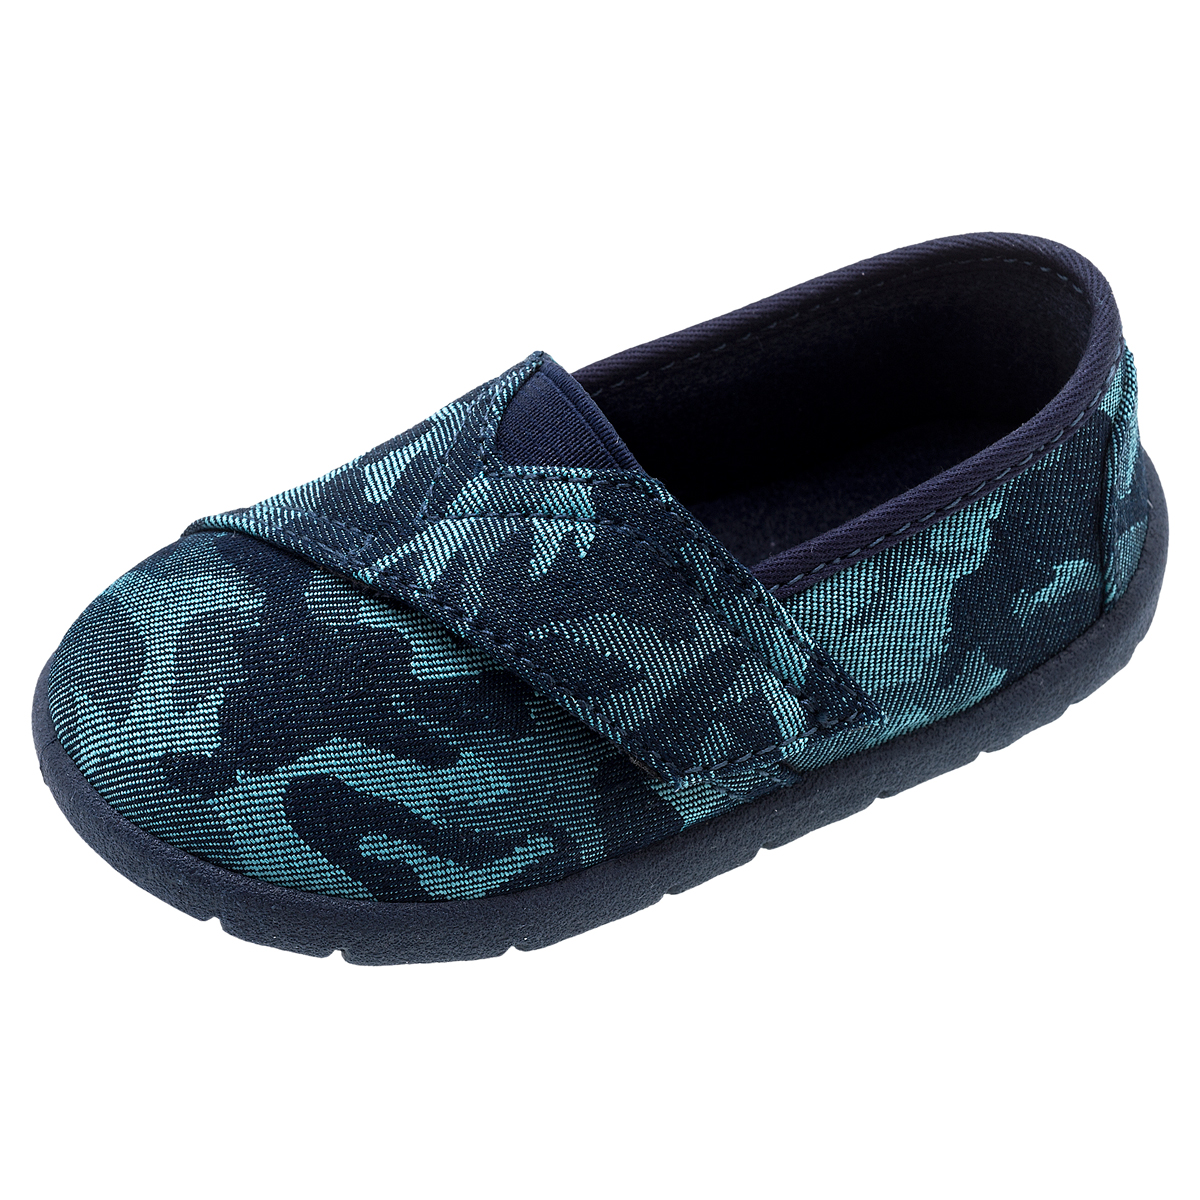 Chicco Pantofi copii Chicco albastru carouri 22